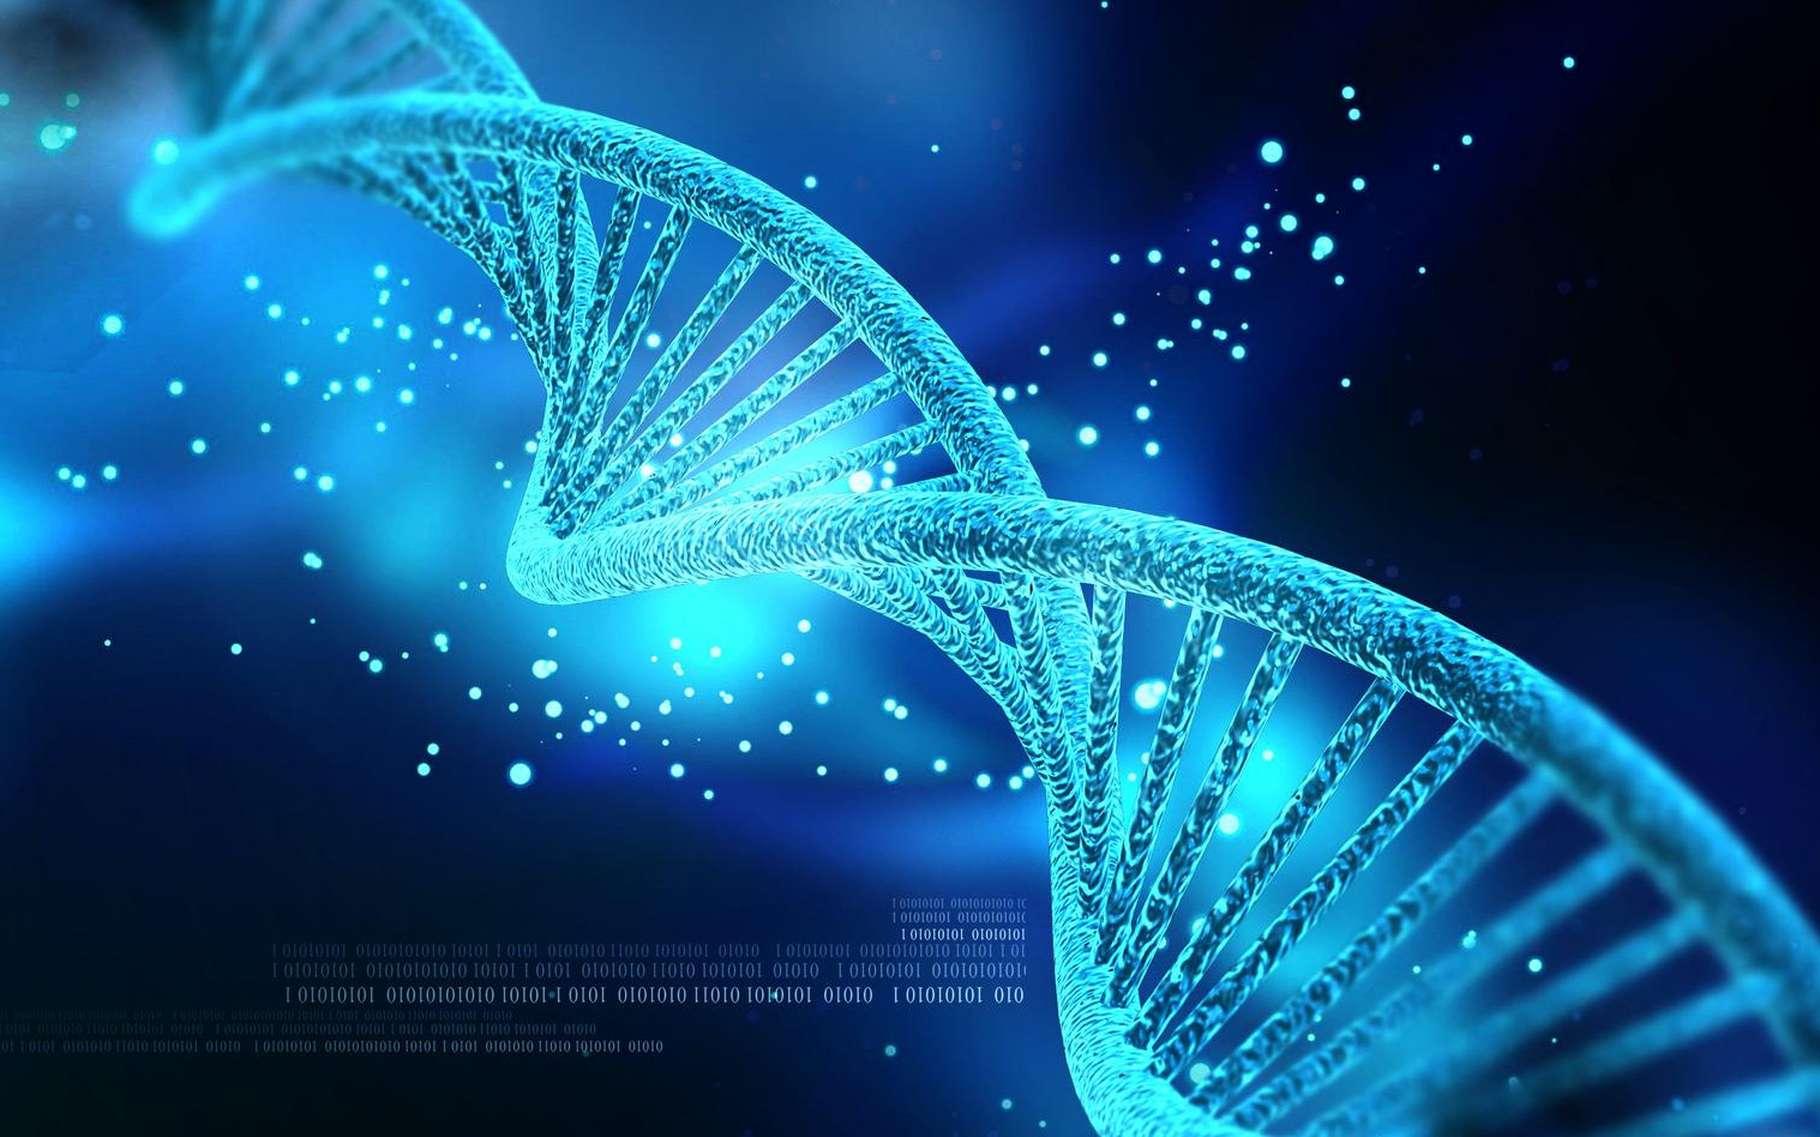 Un allèle est une version d'un gène (lui même étant un fragment déterminé d'une séquence d'ADN). Si un allèle est neutre, il ne confère ni avantage ni inconvénient du point de vue de la sélection naturelle. © Creations, Shutterstock